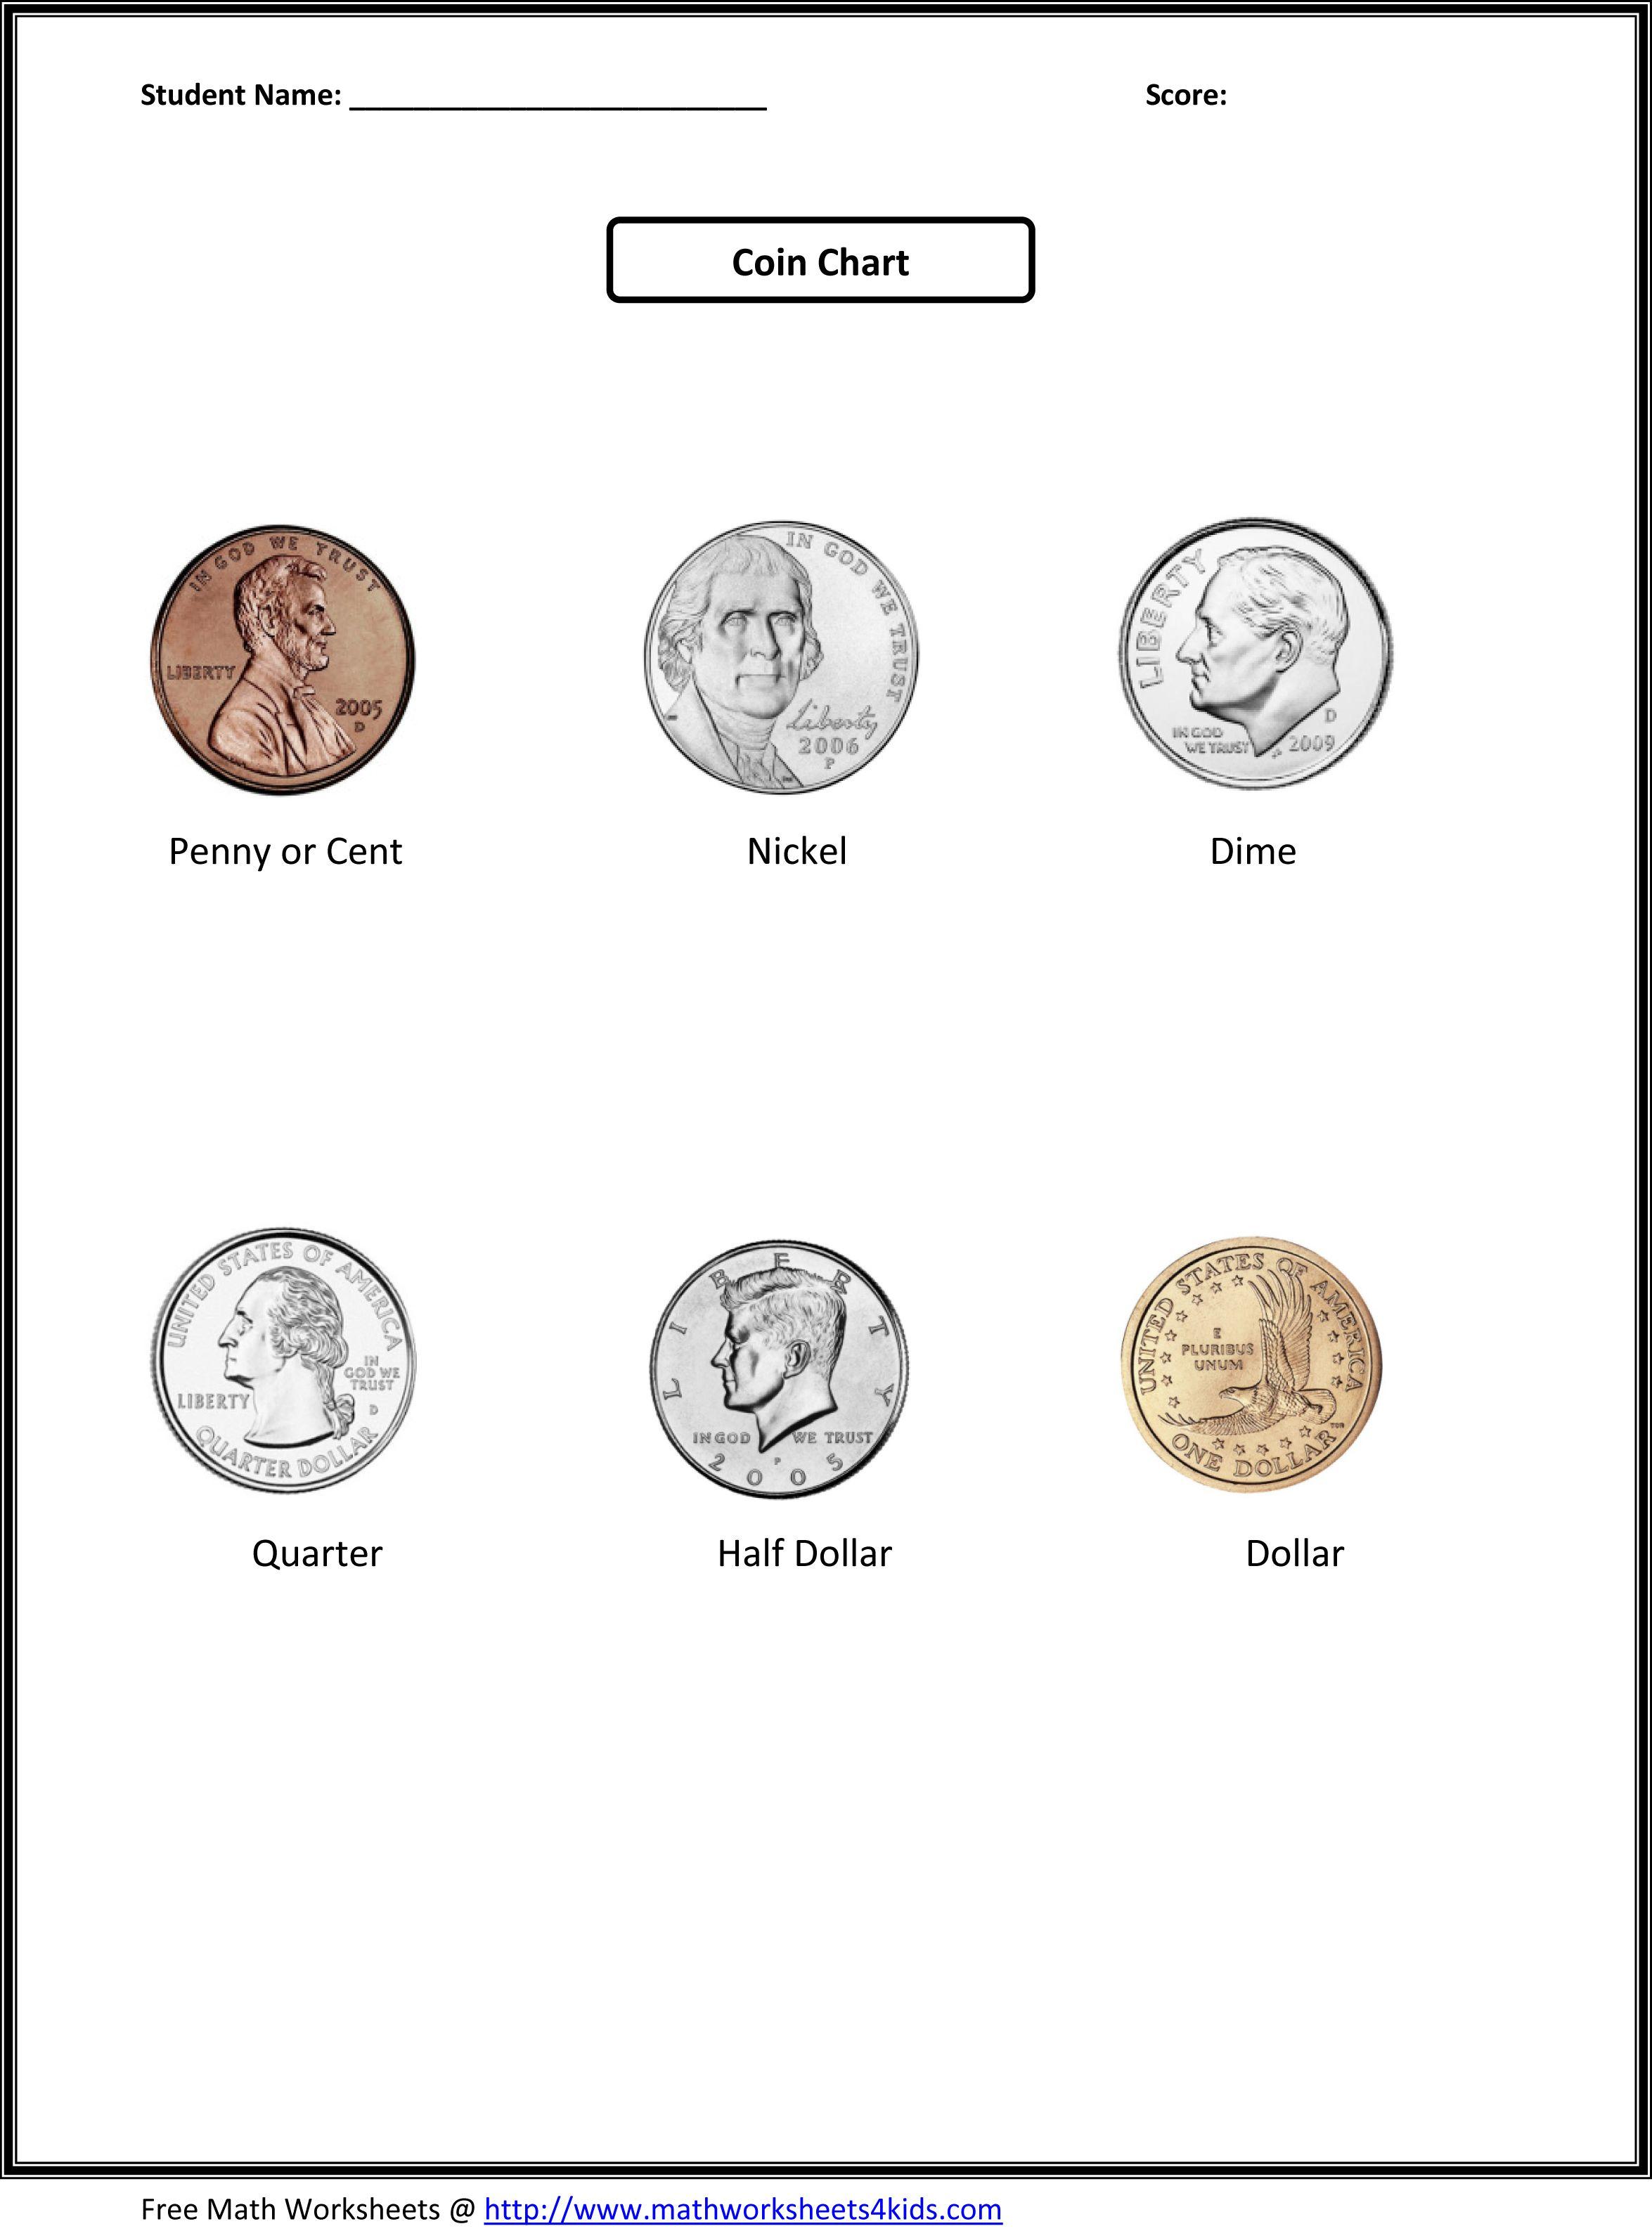 Http Www Mathworksheets4kids Com Activities Images Money Coin Chart 1 Jpg Free Kindergarten Worksheets Kindergarten Money Worksheets Money Worksheets [ 3174 x 2350 Pixel ]